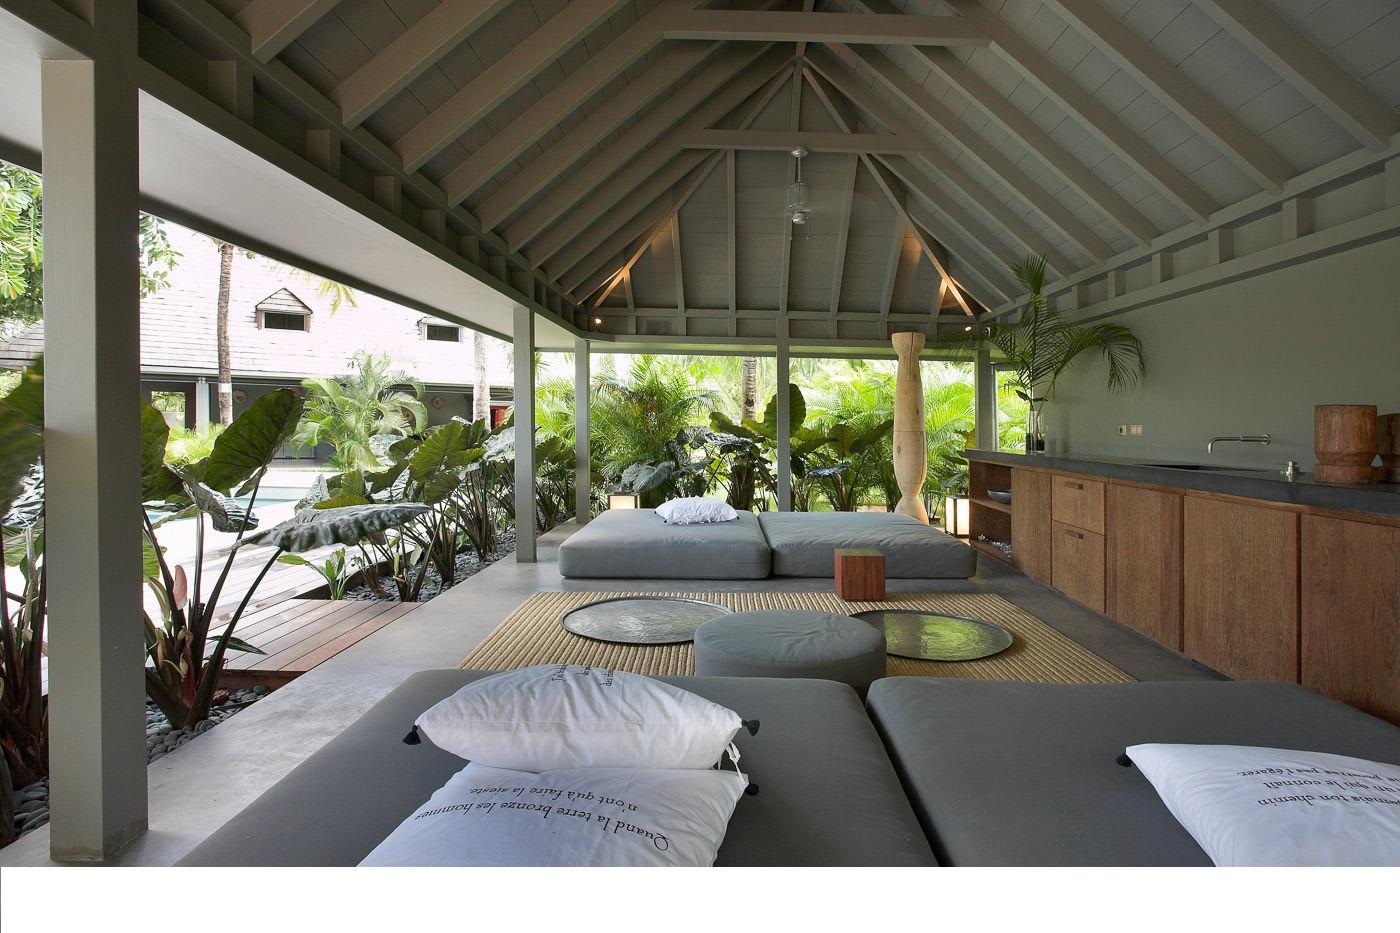 Location Saint Barthelemy Villa De Luxe Avec Piscine Privée Lorient Caraibes Antilles Francaises